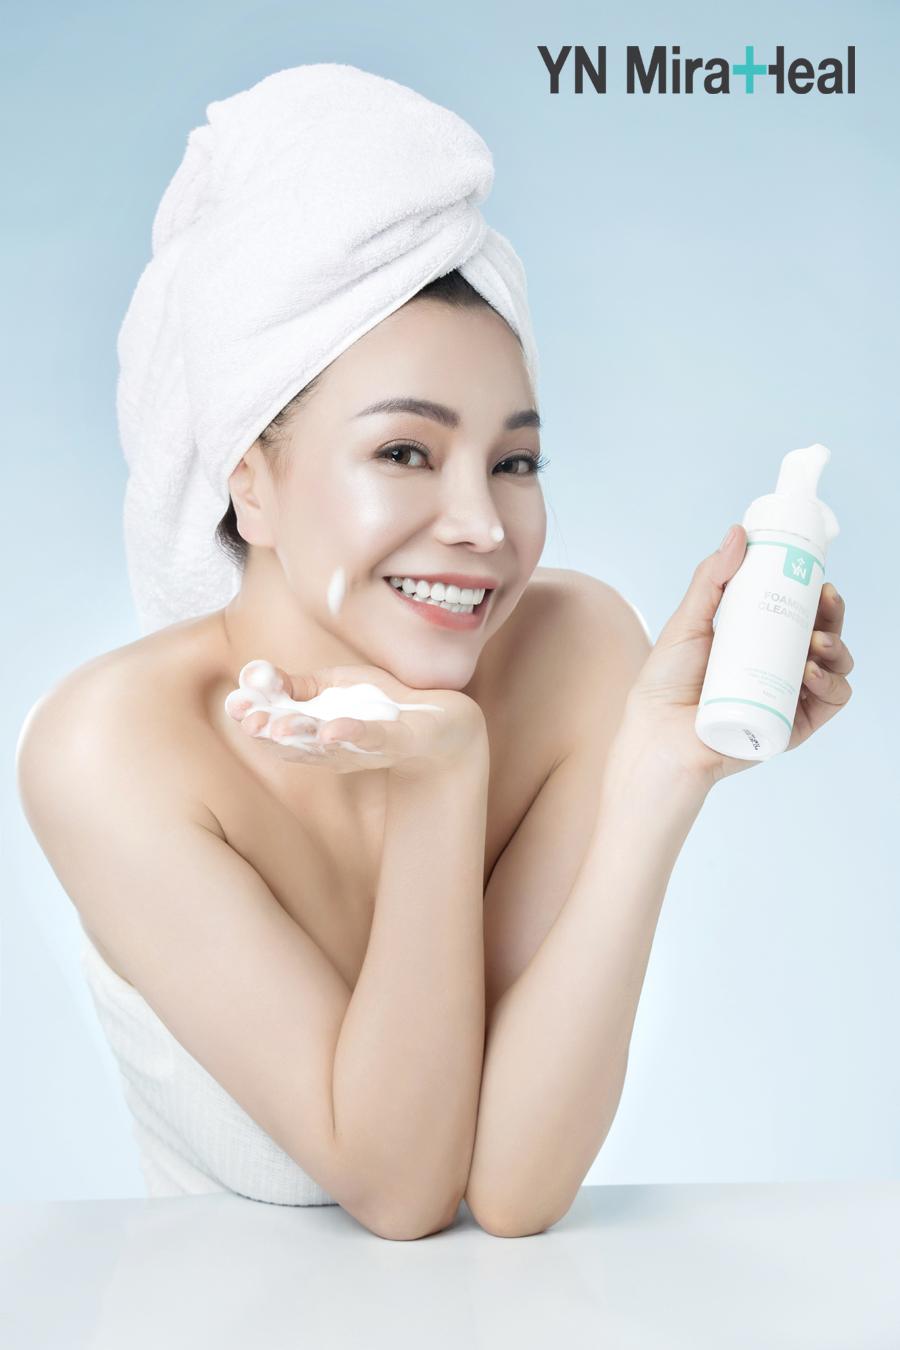 Trong các dạng sữa rửa mặt, sữa rửa mặt dạng bọt có hiệu quả làm sạch tốt nhất